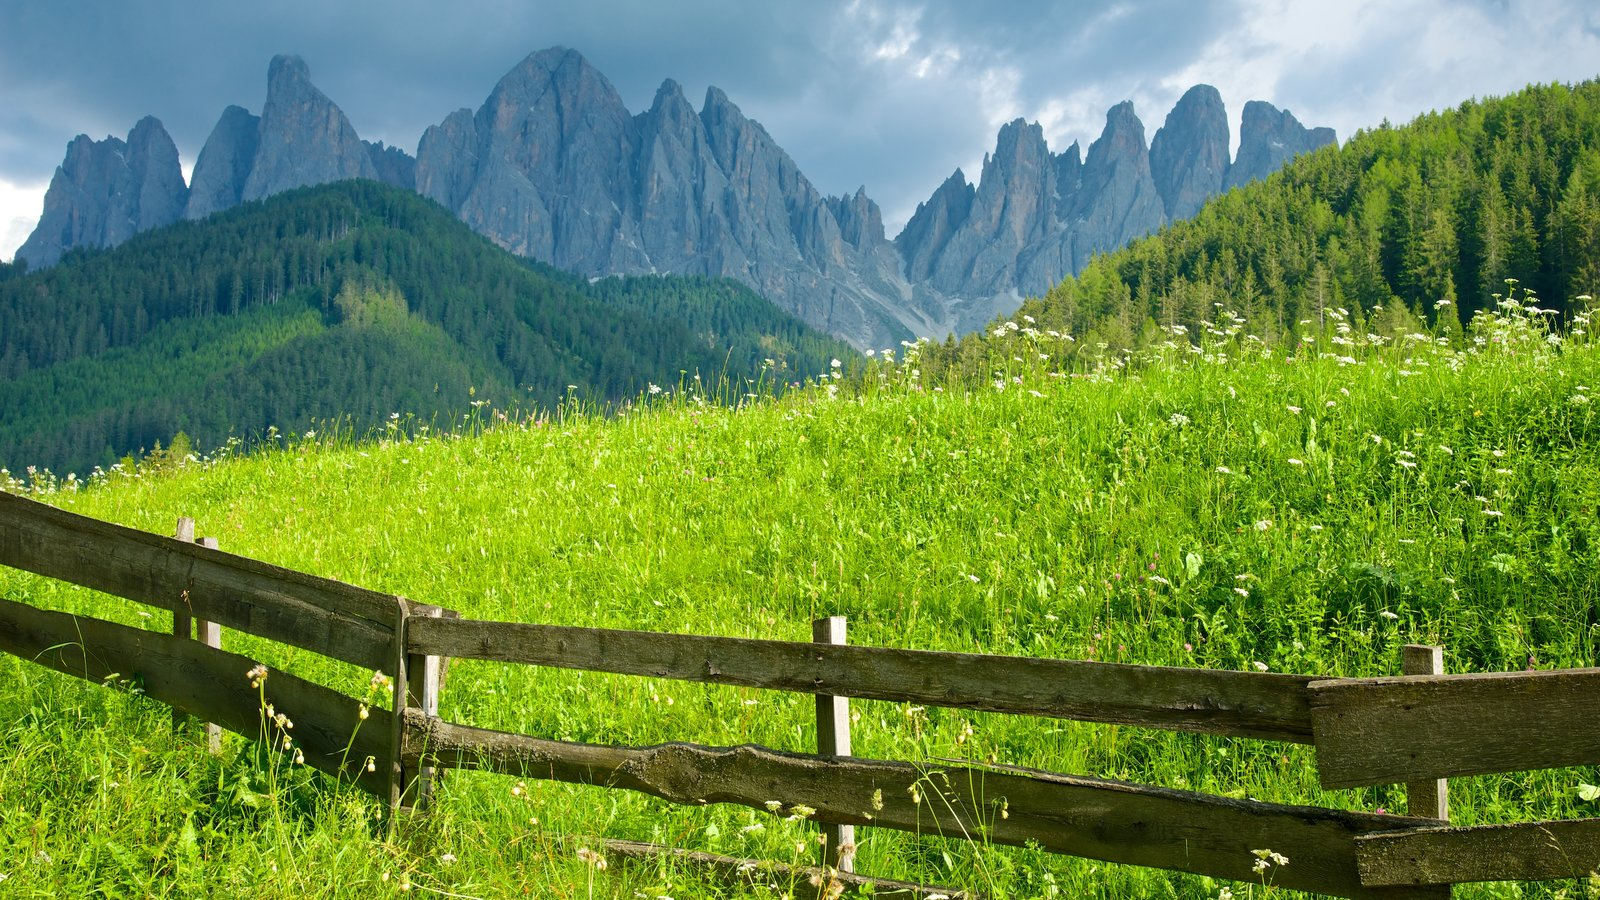 Funes mostrando montañas, escenas tranquilas y vistas de paisajes